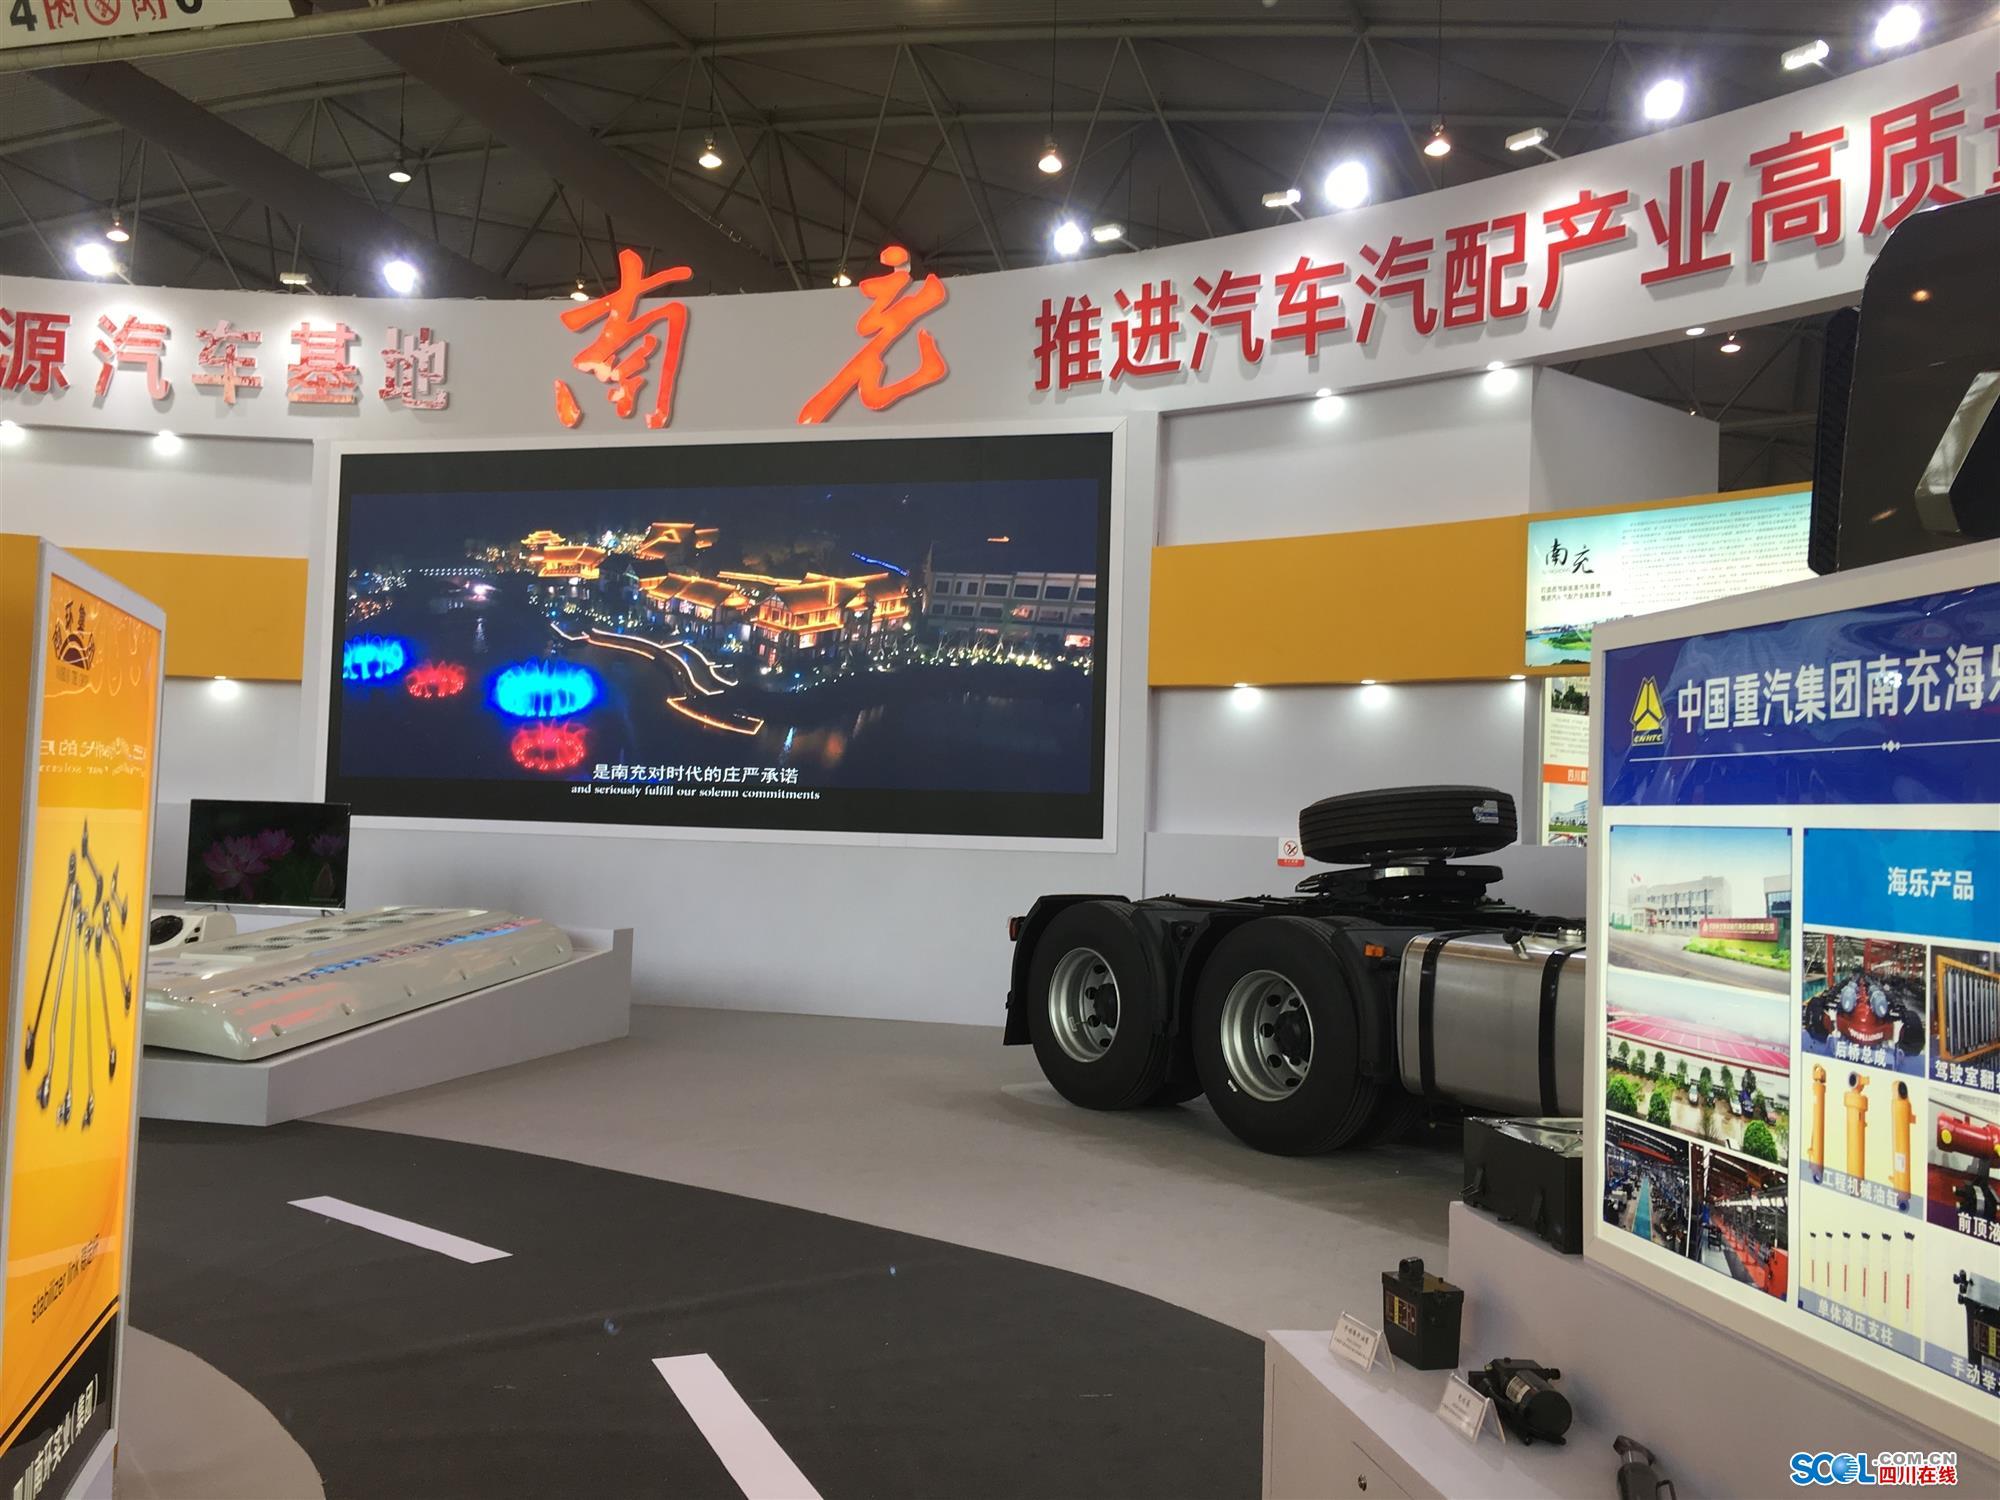 http://www.ncchanghong.com/nanchongxinwen/6945.html